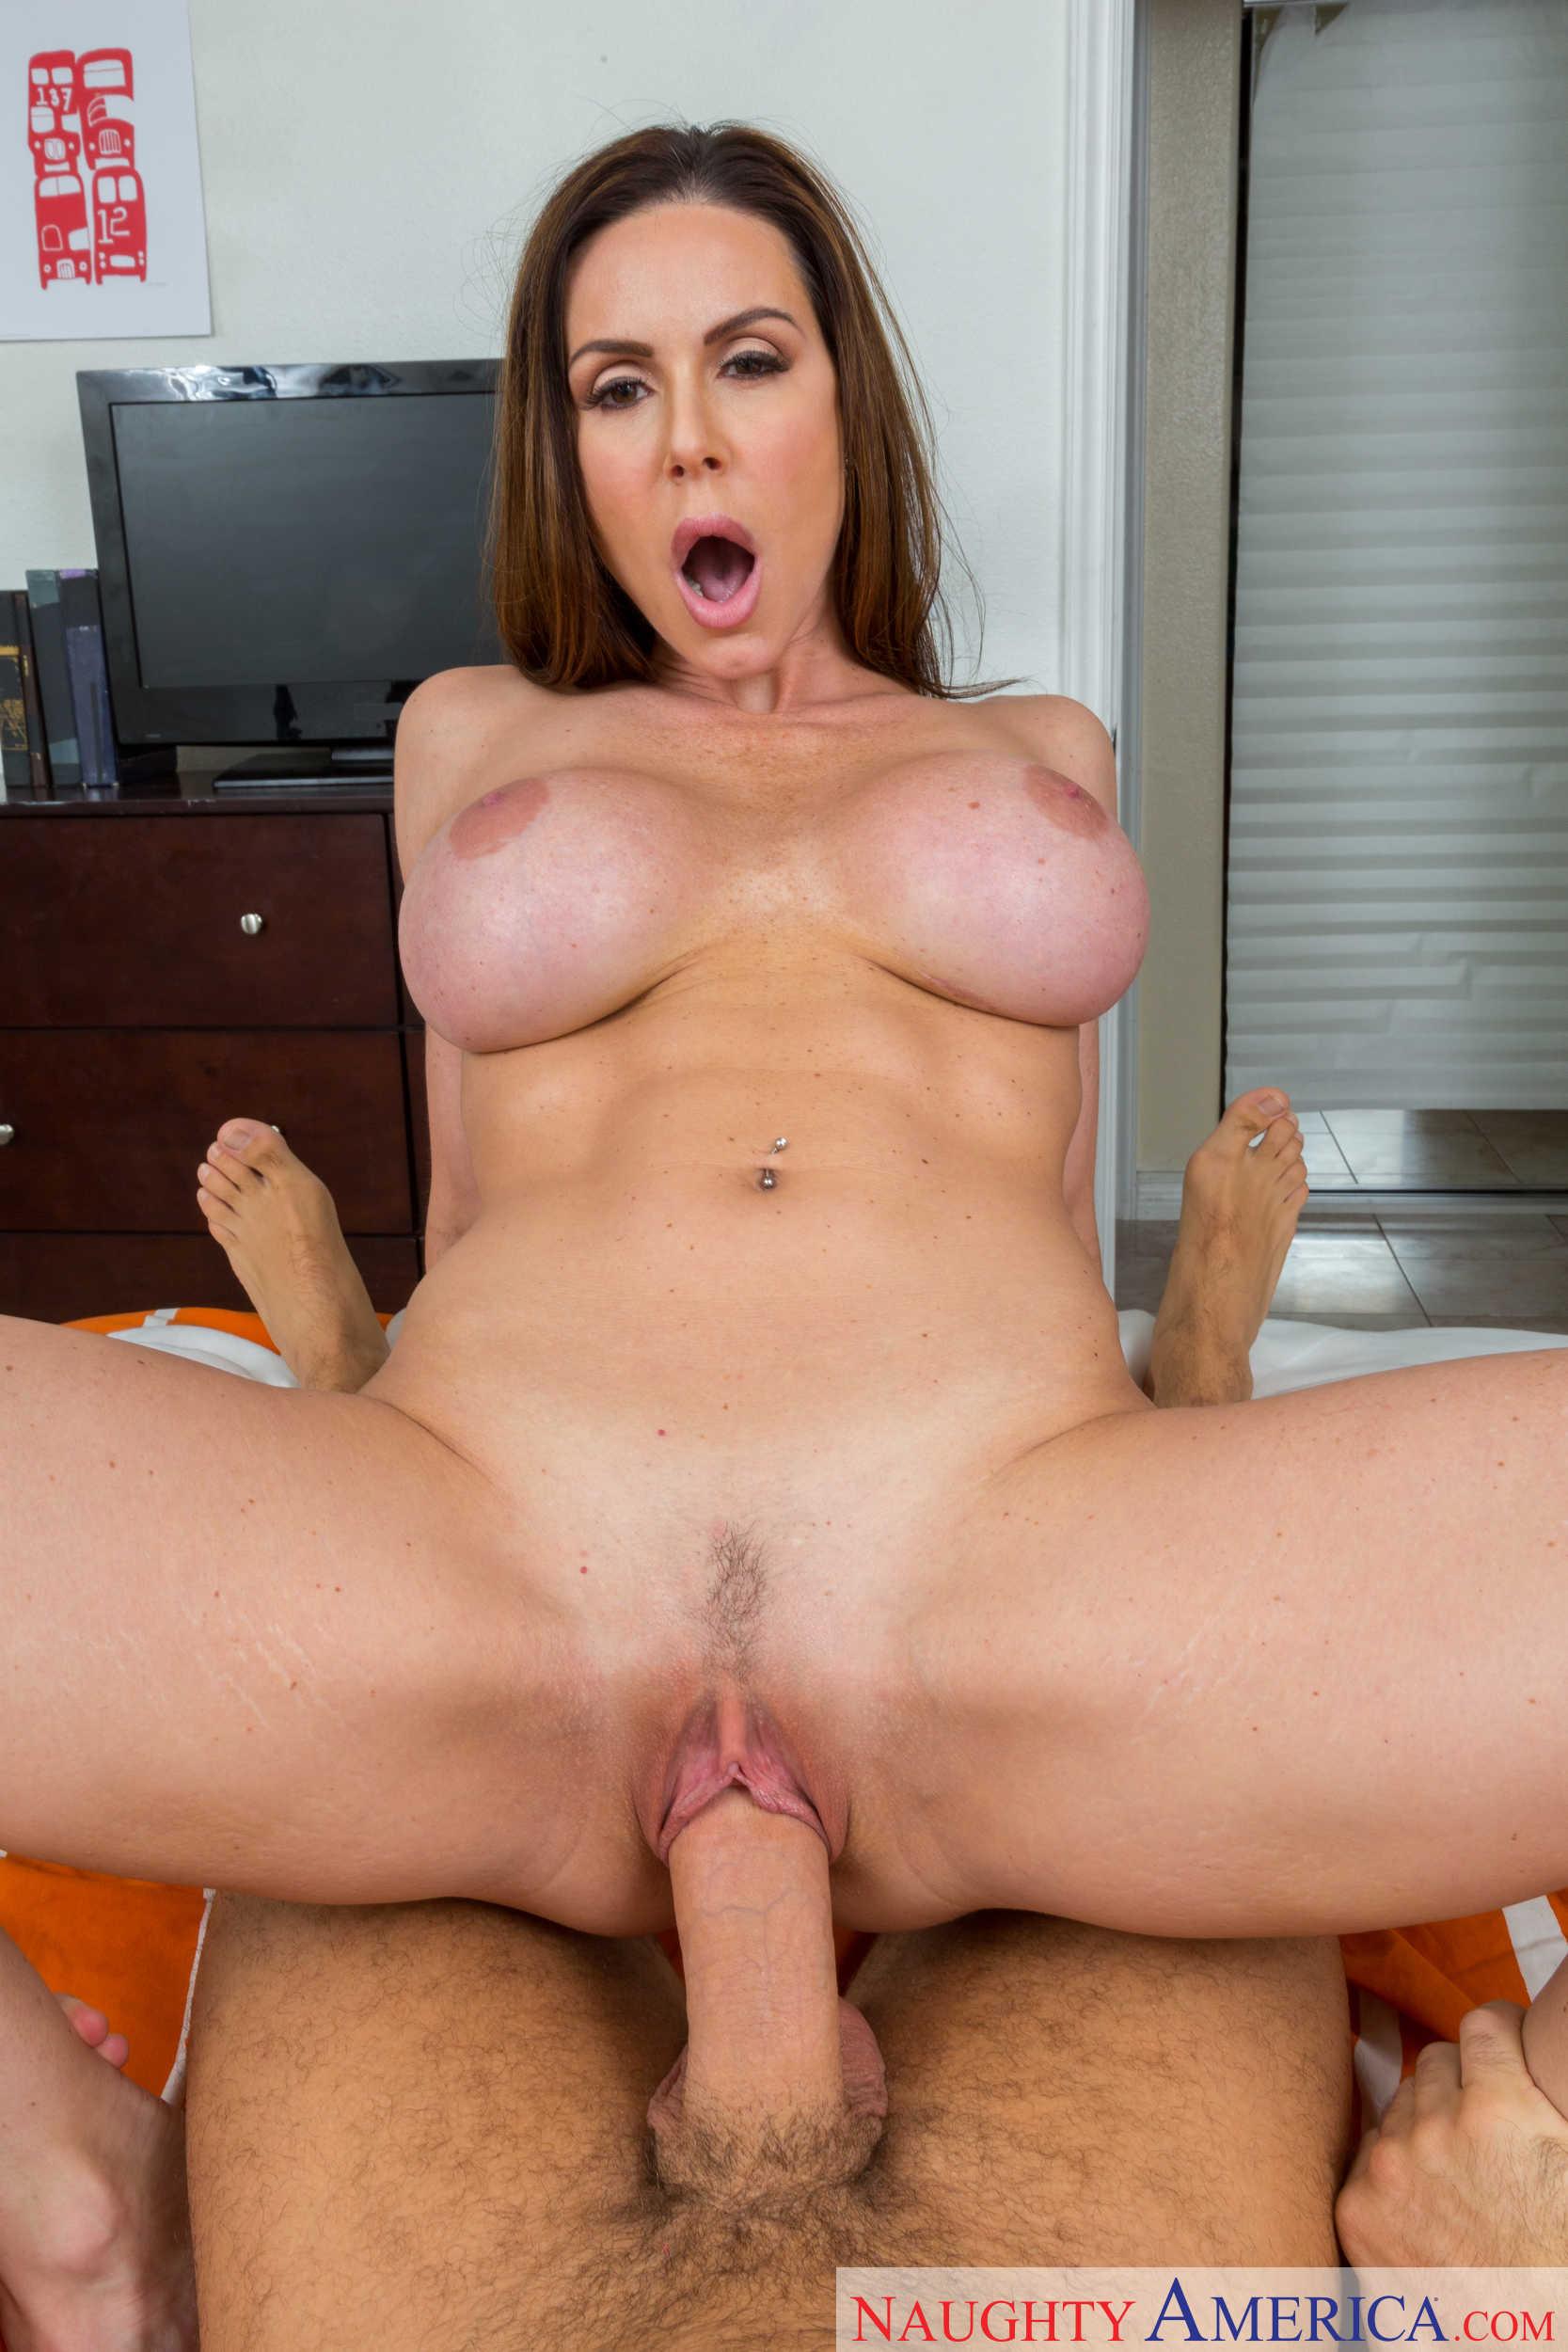 Kendra Lust - coger a la milf por su golosa conchita